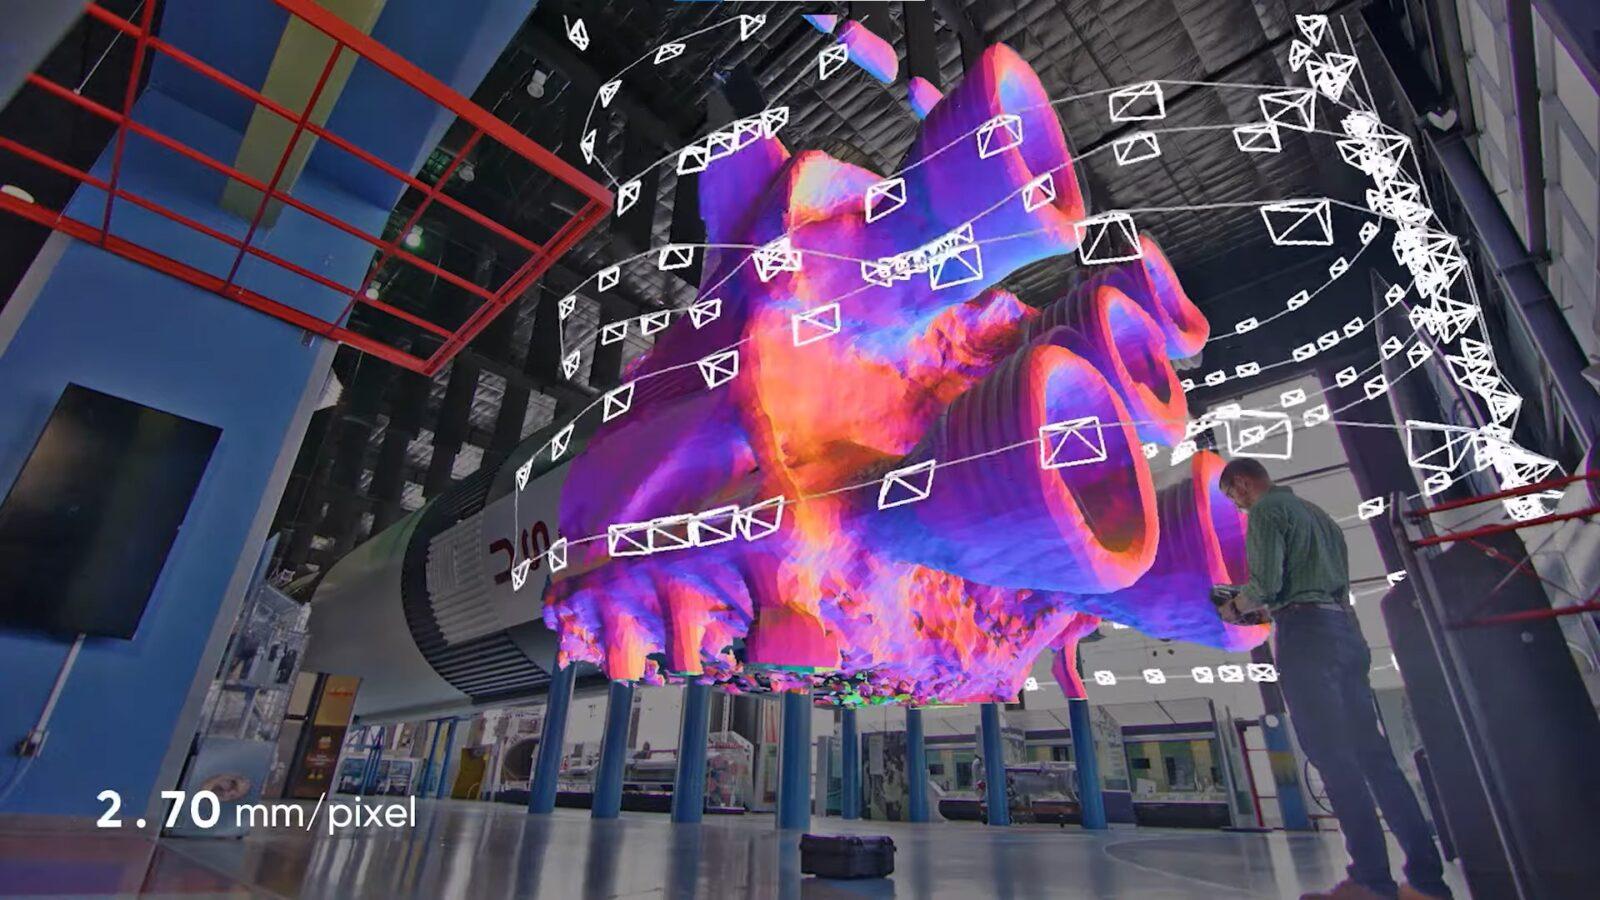 Компания Skydio представила программу Skydio 3D Scan для своих квадрокоптеров Skydio2 и Skydio X2